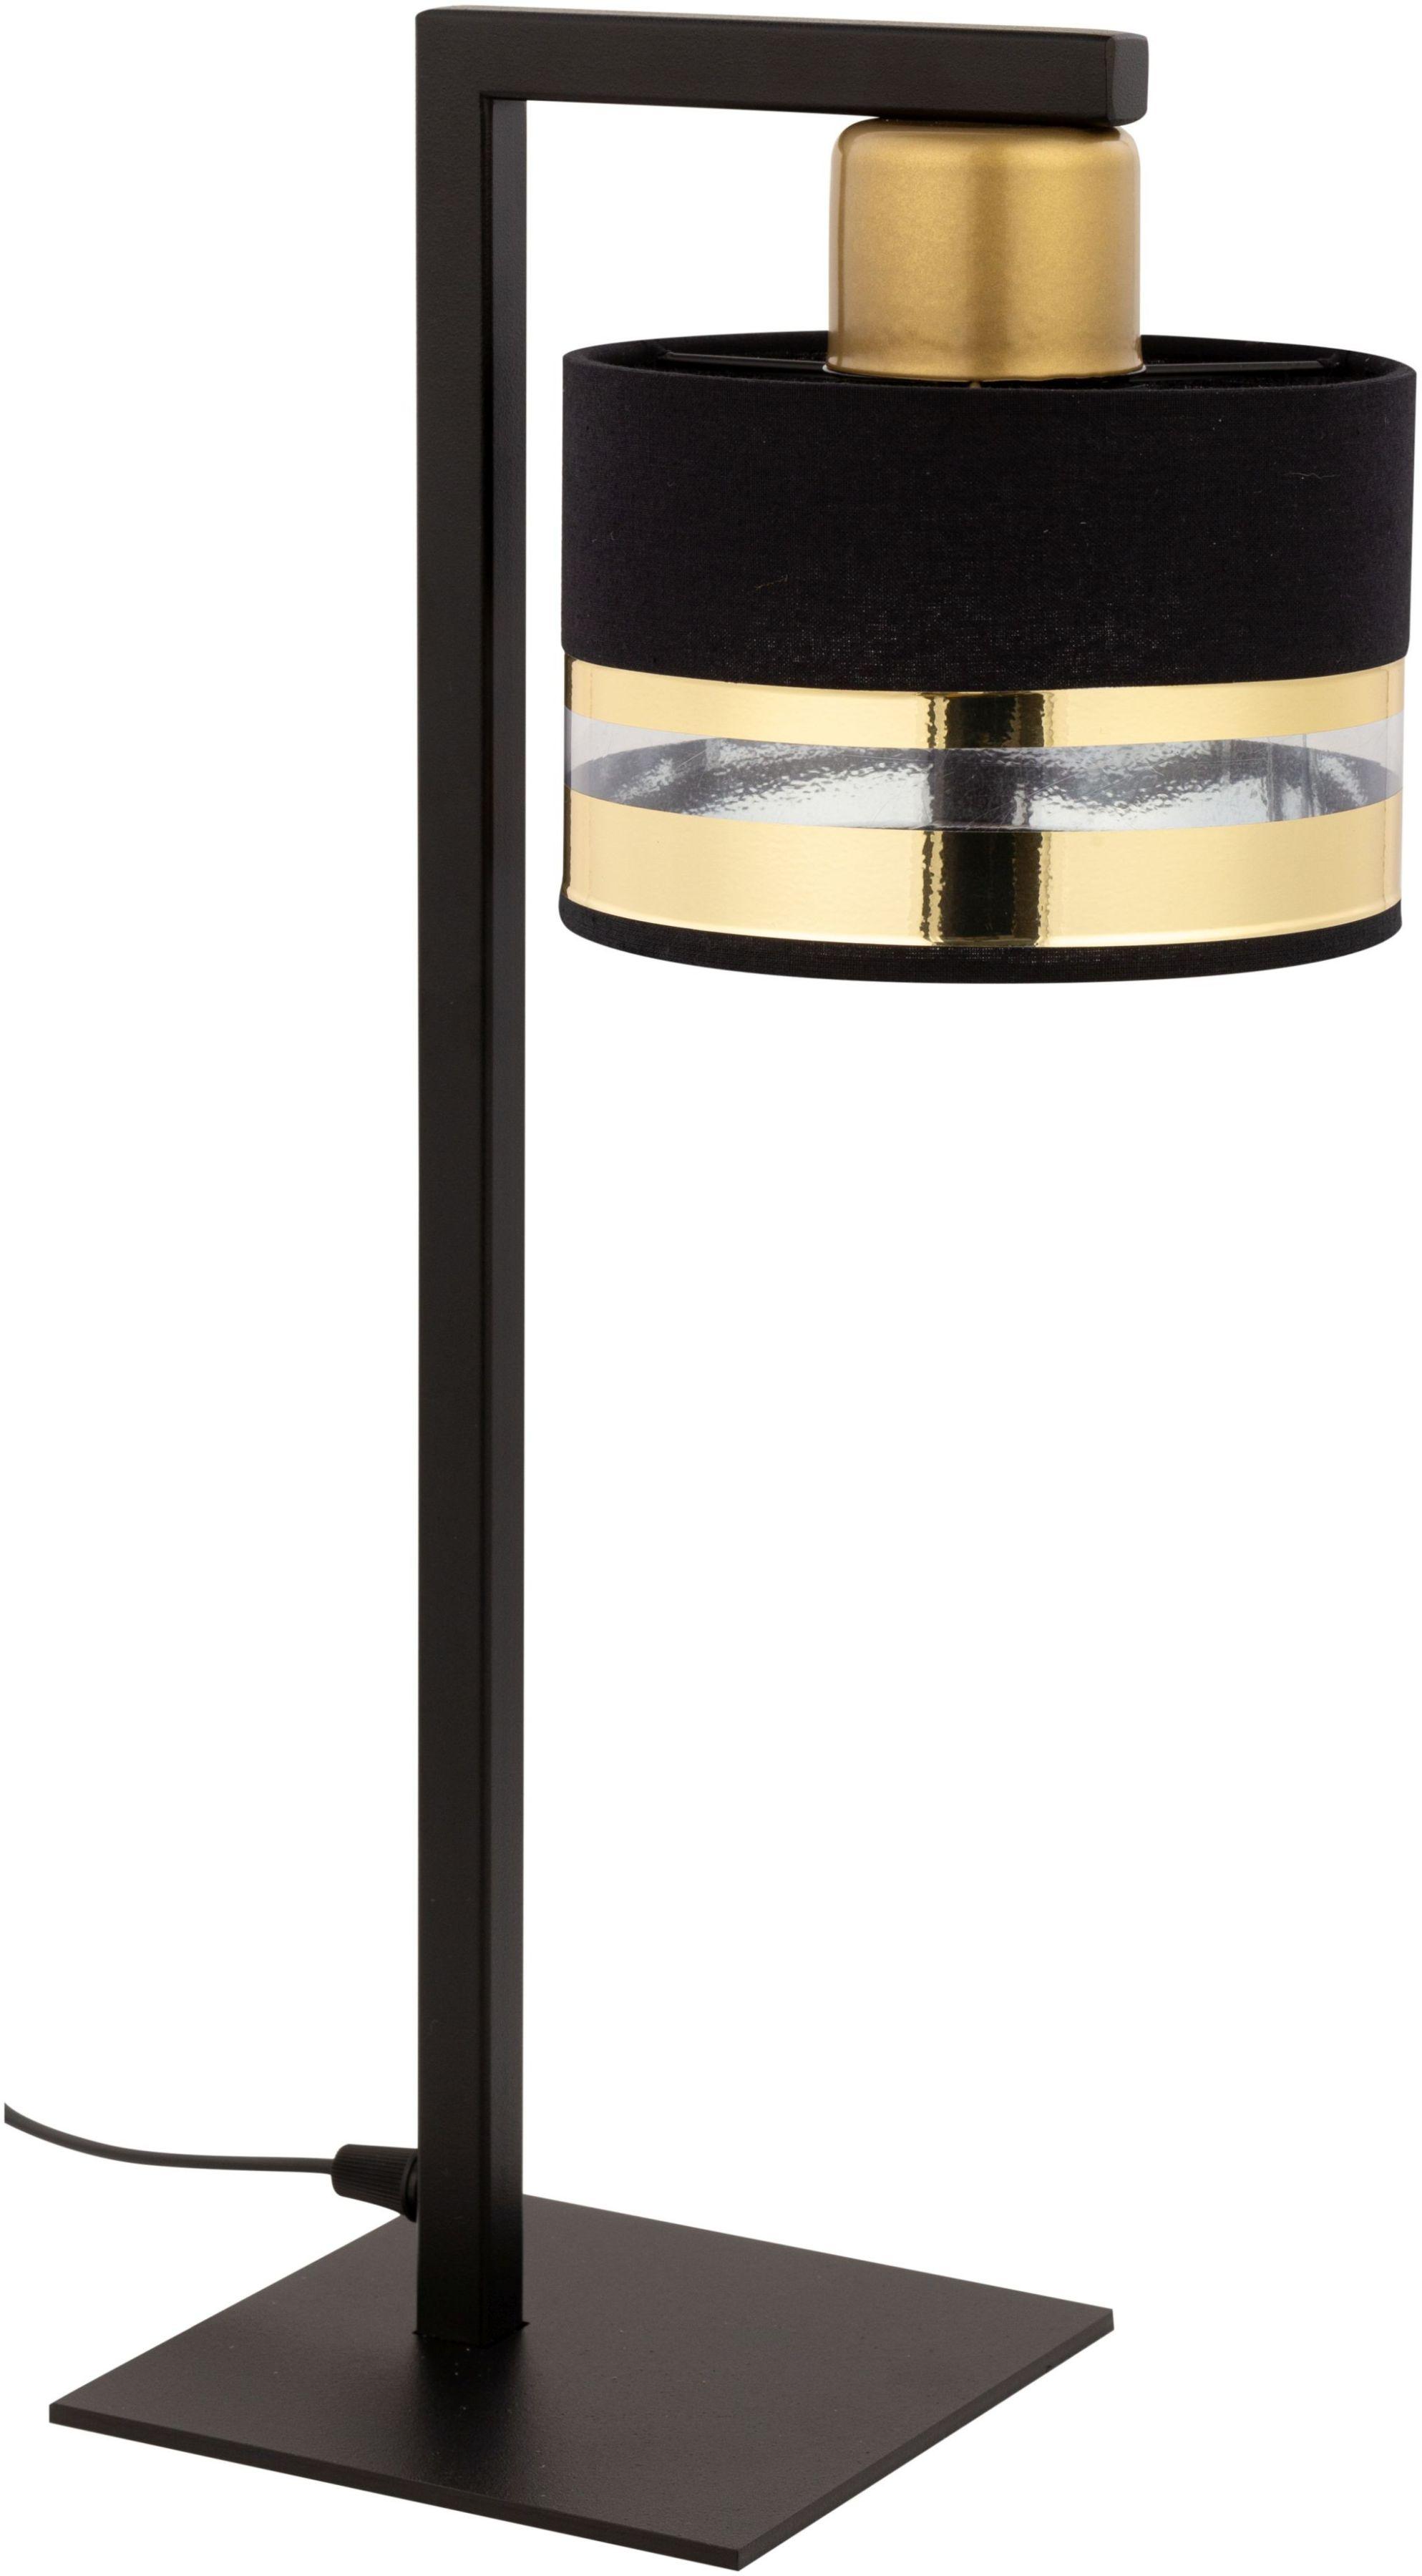 Pro lampka nowoczesna czarno złota 50235 - Sigma Do -17% rabatu w koszyku i darmowa dostawa od 299zł !